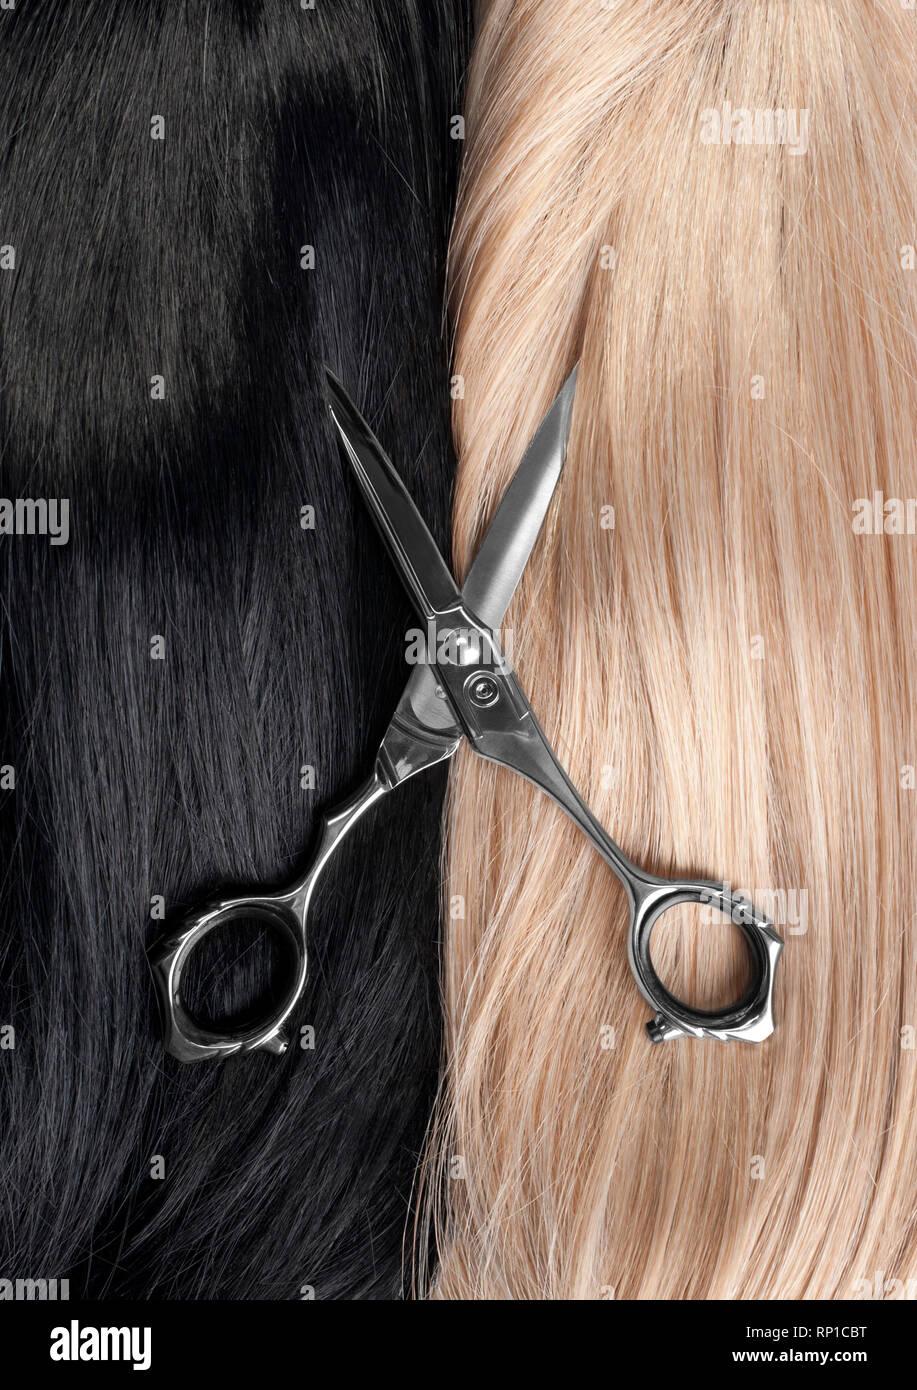 Glattes Blondes Haar Stockfotos Glattes Blondes Haar Bilder Alamy